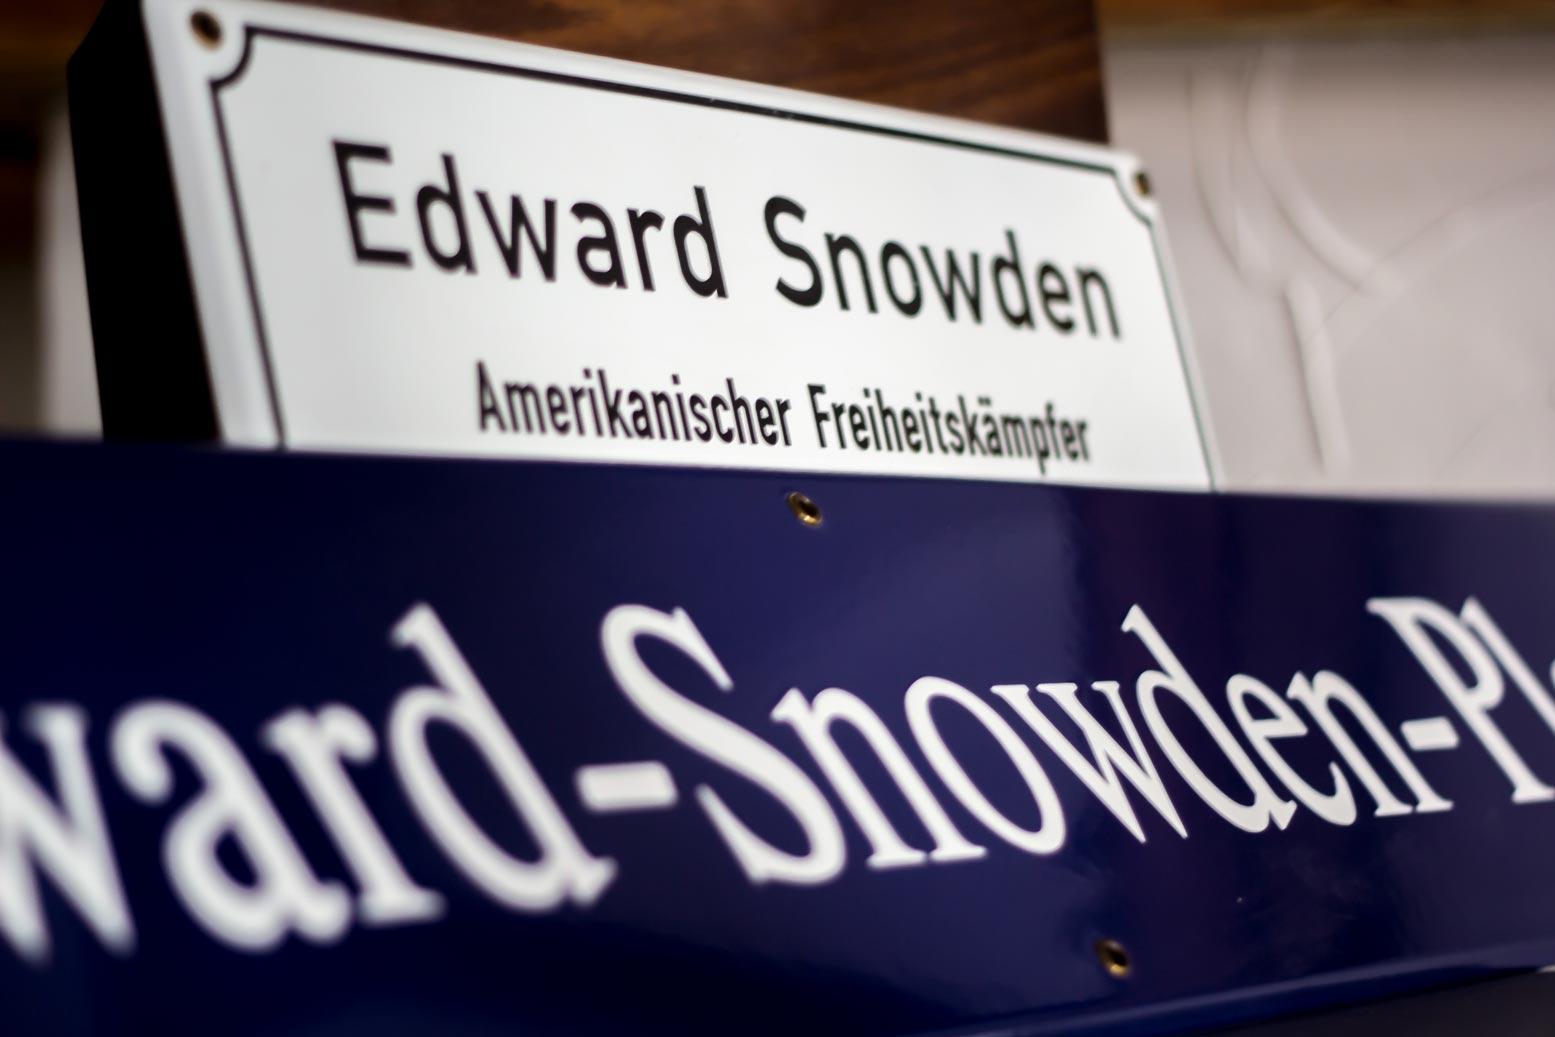 Edward-Snowden-Platz-Dresden